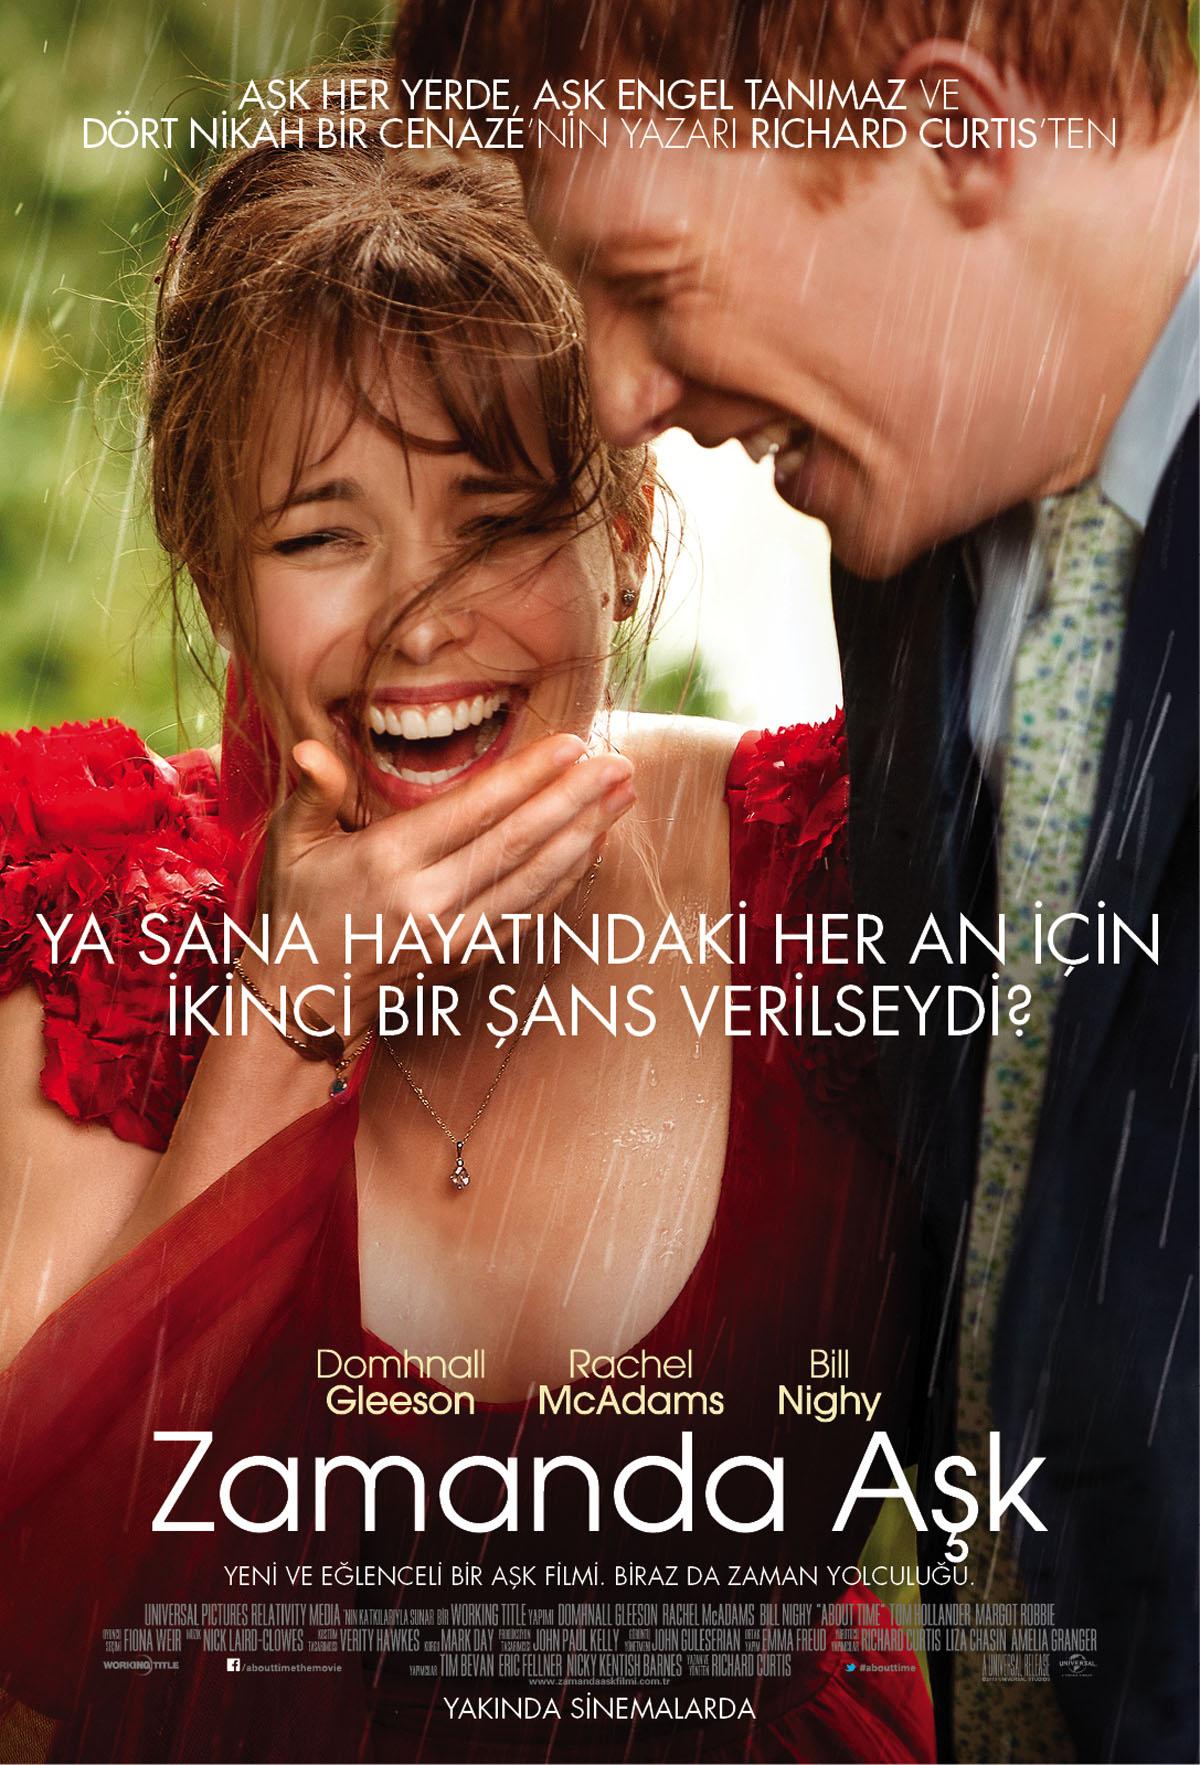 Zamanda Aşk - film 2013 - Beyazperde.com